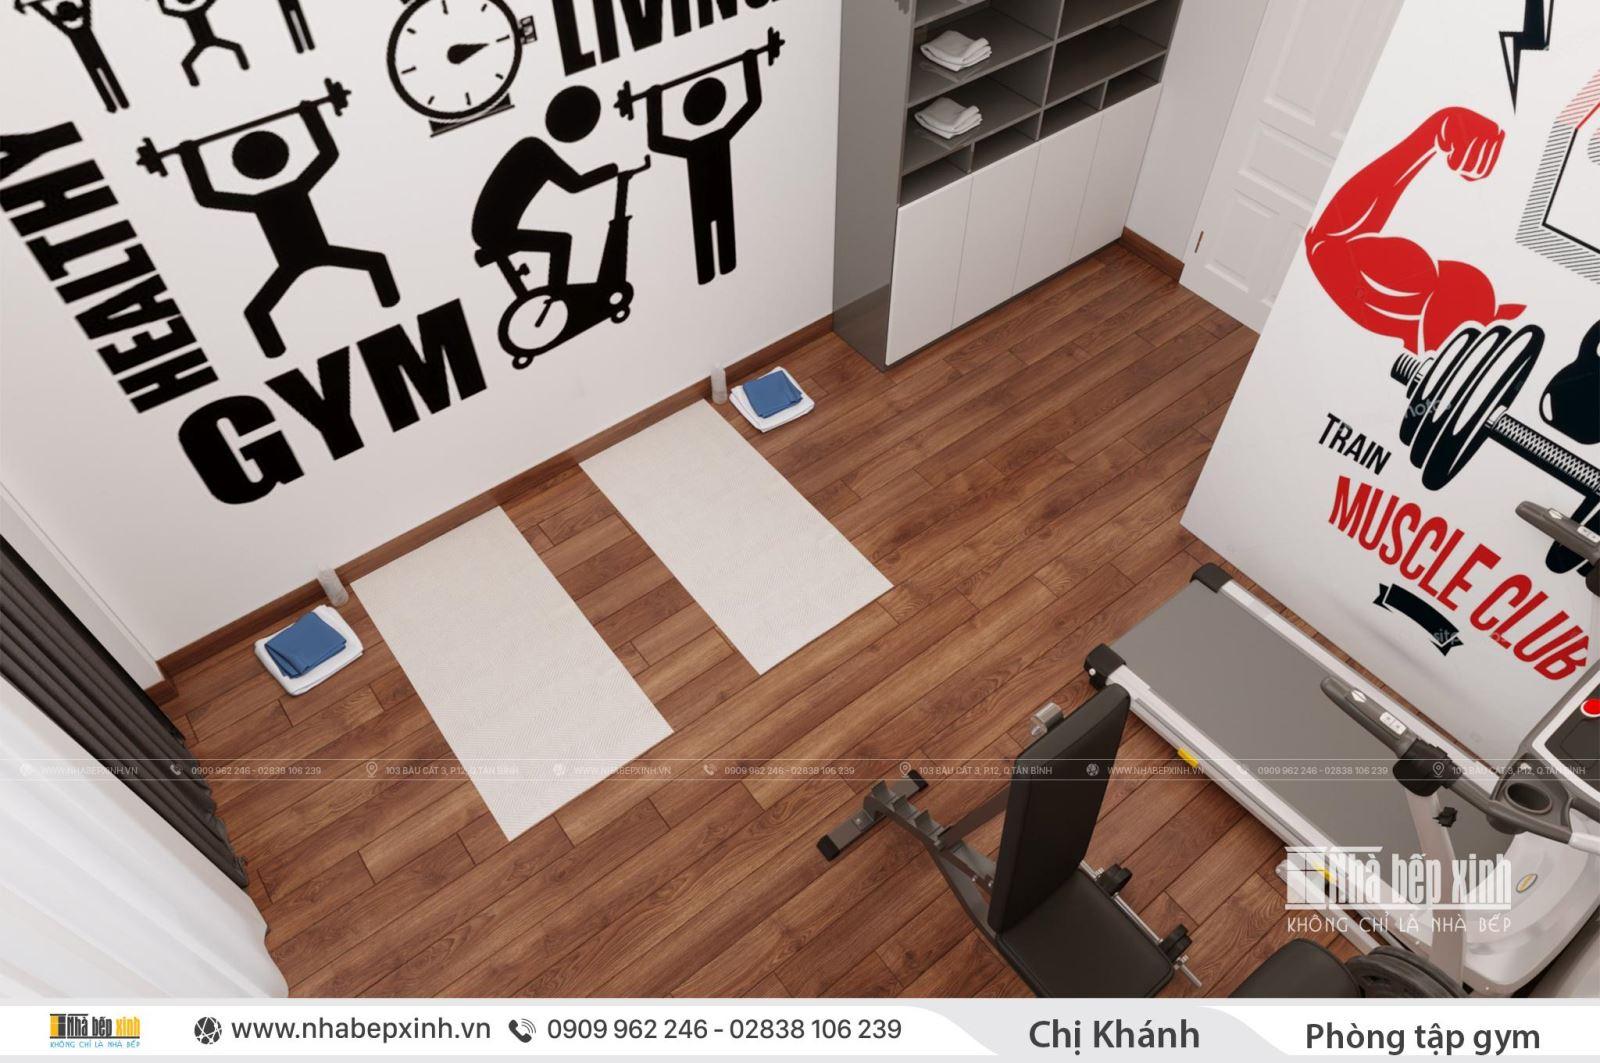 Thiết kế phòng tập gim tại nhà